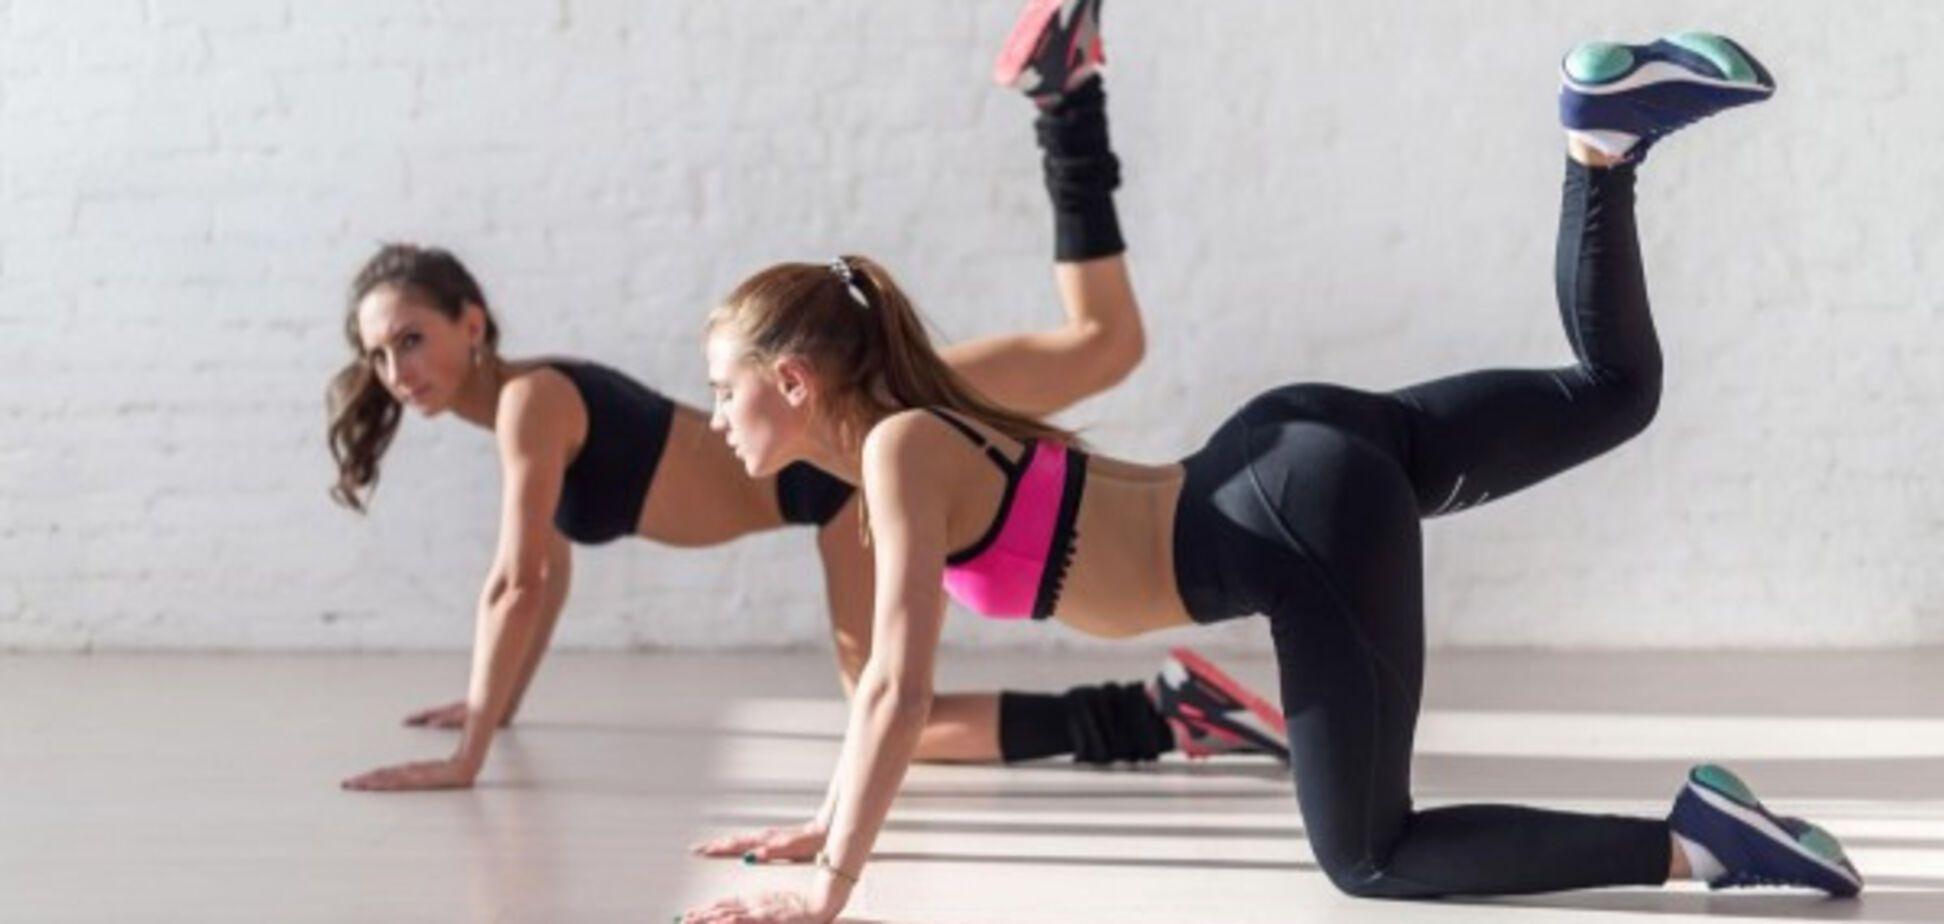 Боль в спине: 5 простых упражнений, которые позволят забыть о проблеме